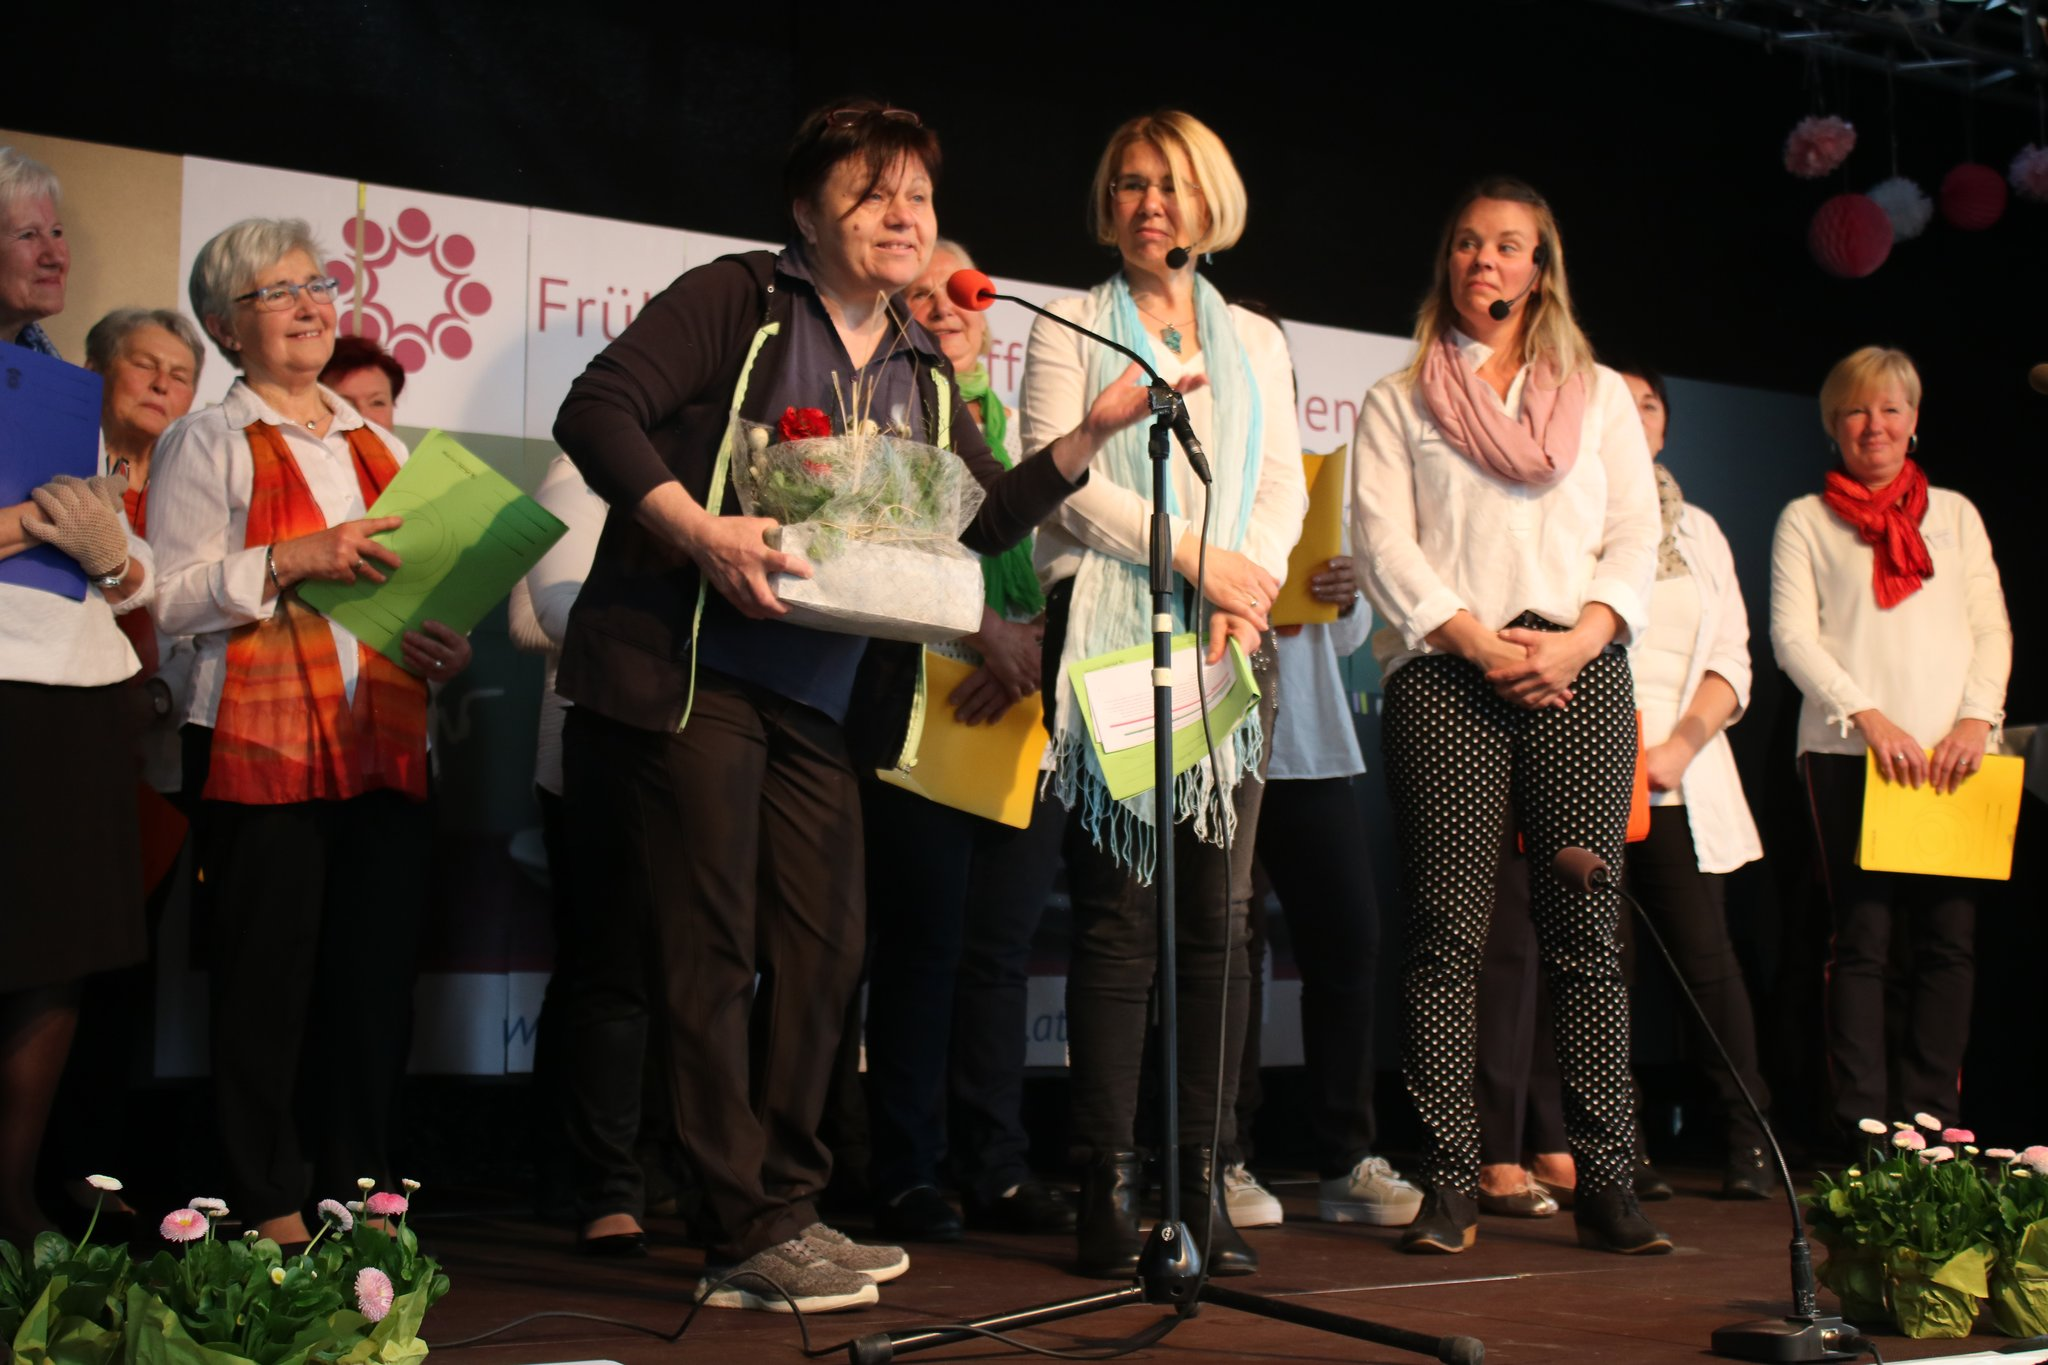 Herzliche Einladung - Evangelische Pfarrgemeinde Pinkafeld